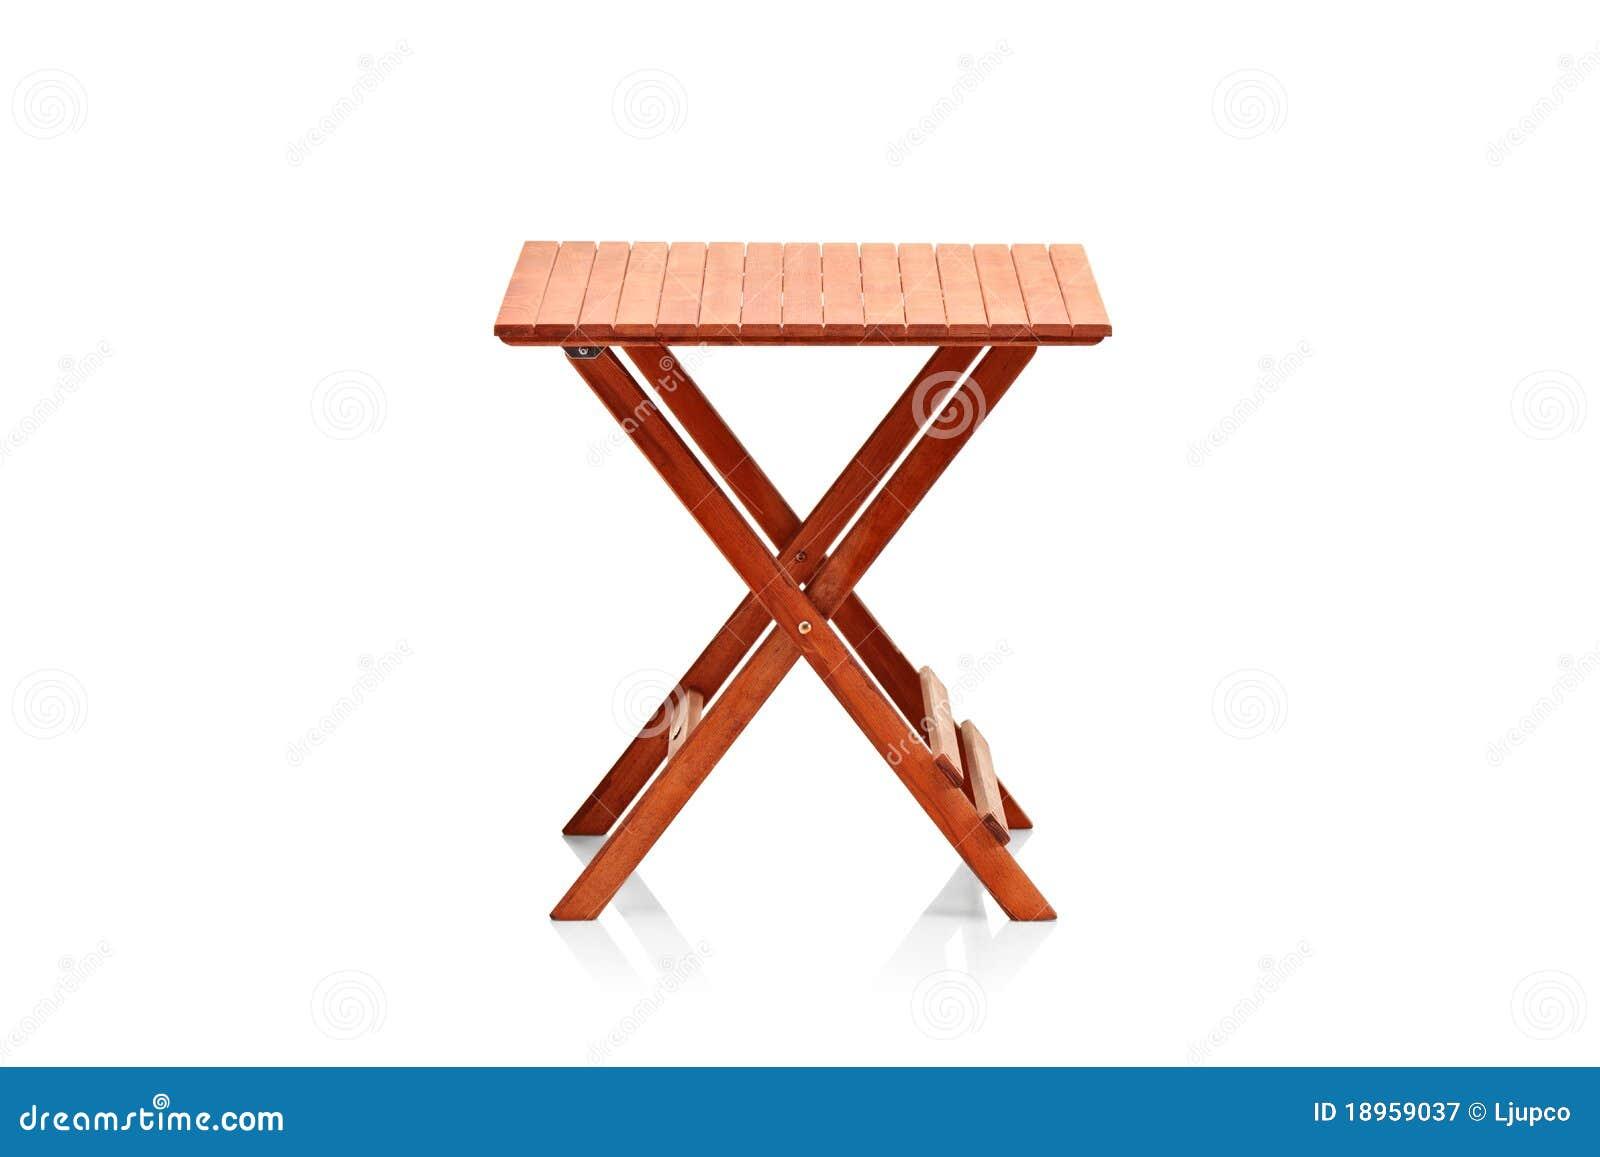 Table de pliage en bois